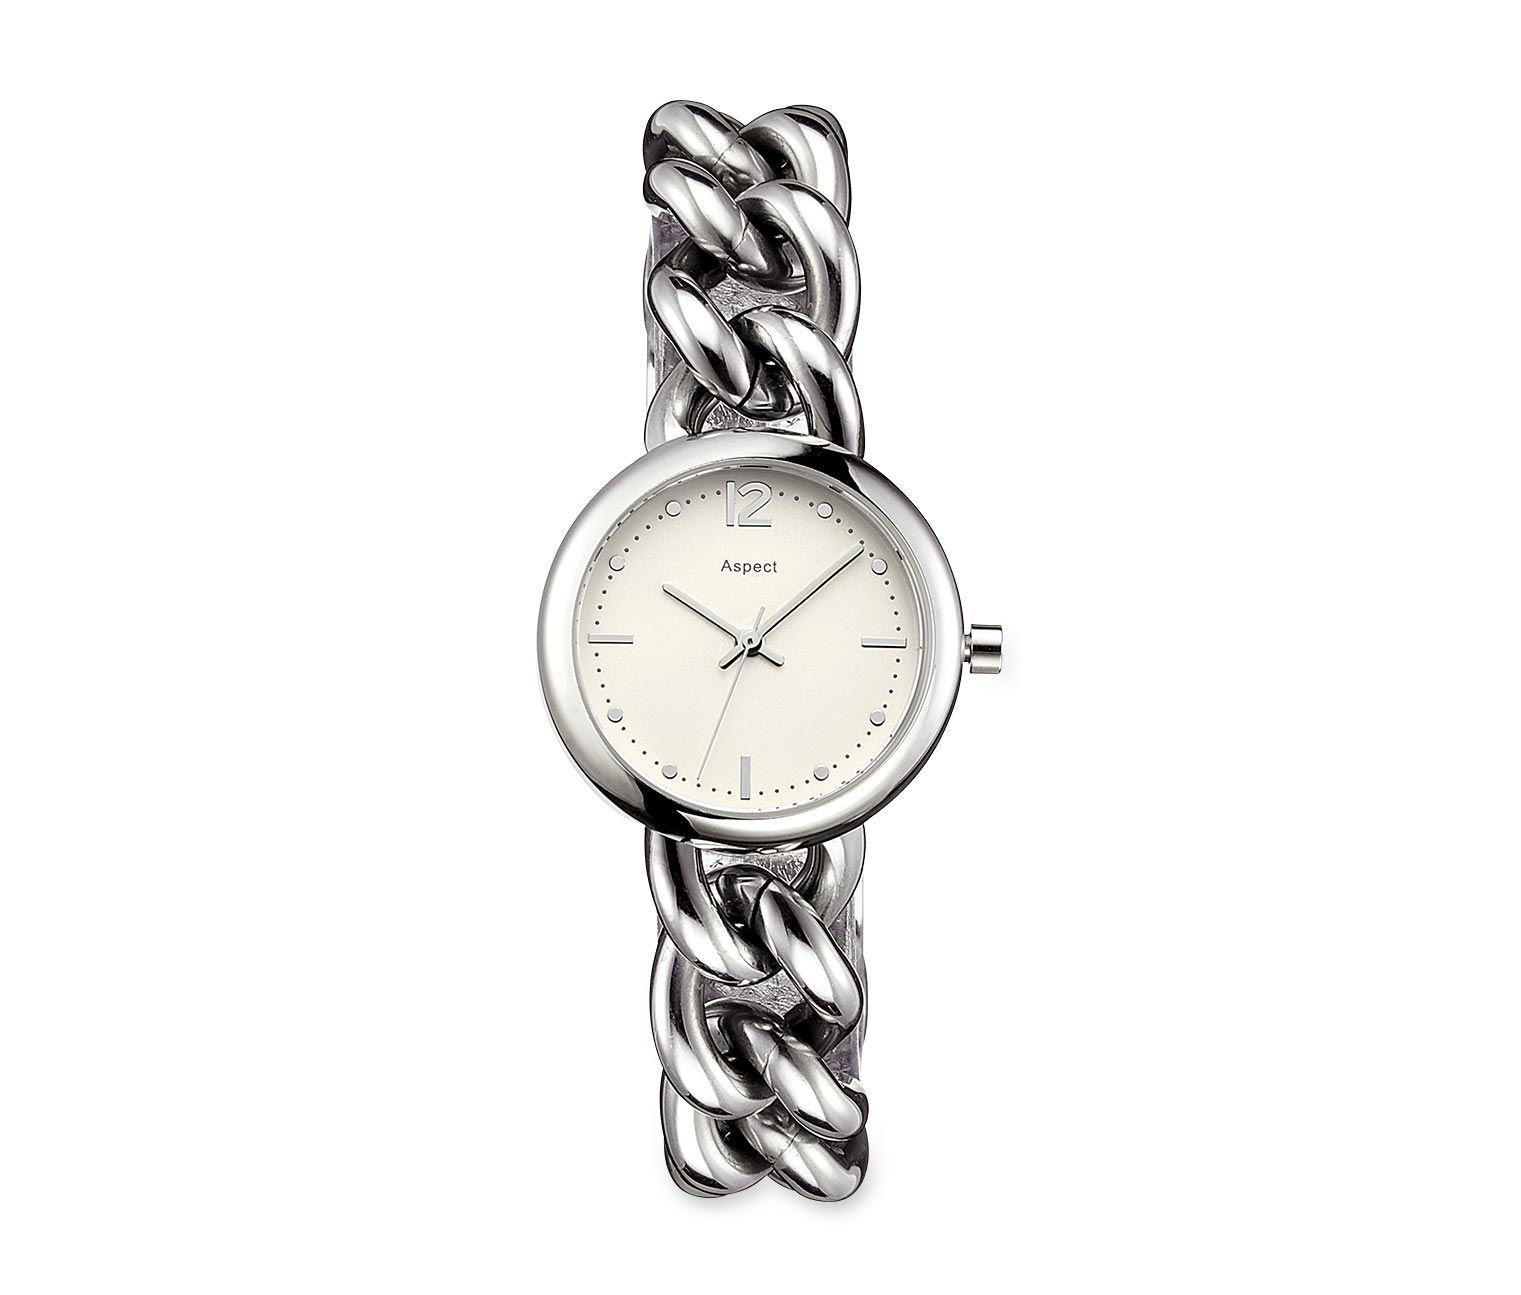 Dámske náramkové hodinky z ušľachtilej ocele 322045 z e-shopu Tchibo.sk